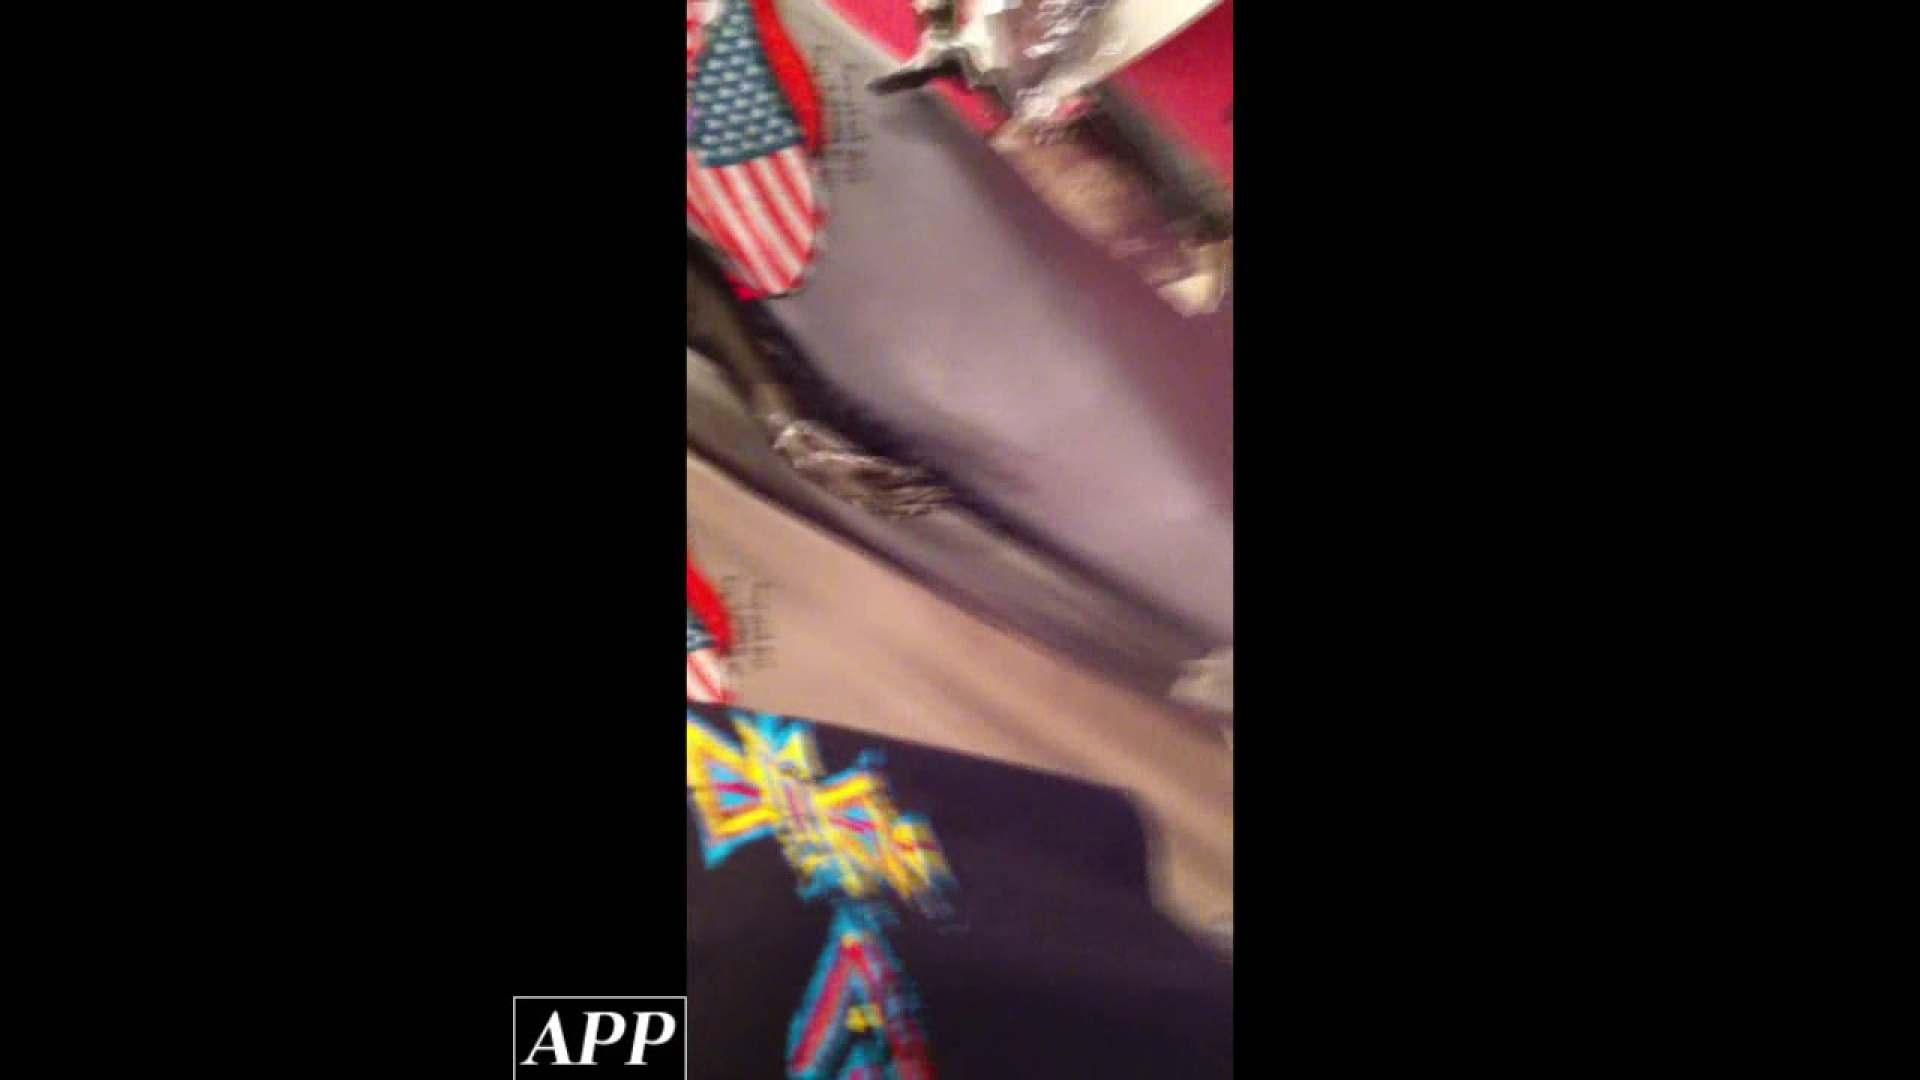 ハイビジョン盗撮!ショップ店員千人斬り!胸チラ編 vol.91 OLエロ画像 盗み撮りオマンコ動画キャプチャ 73PICs 62